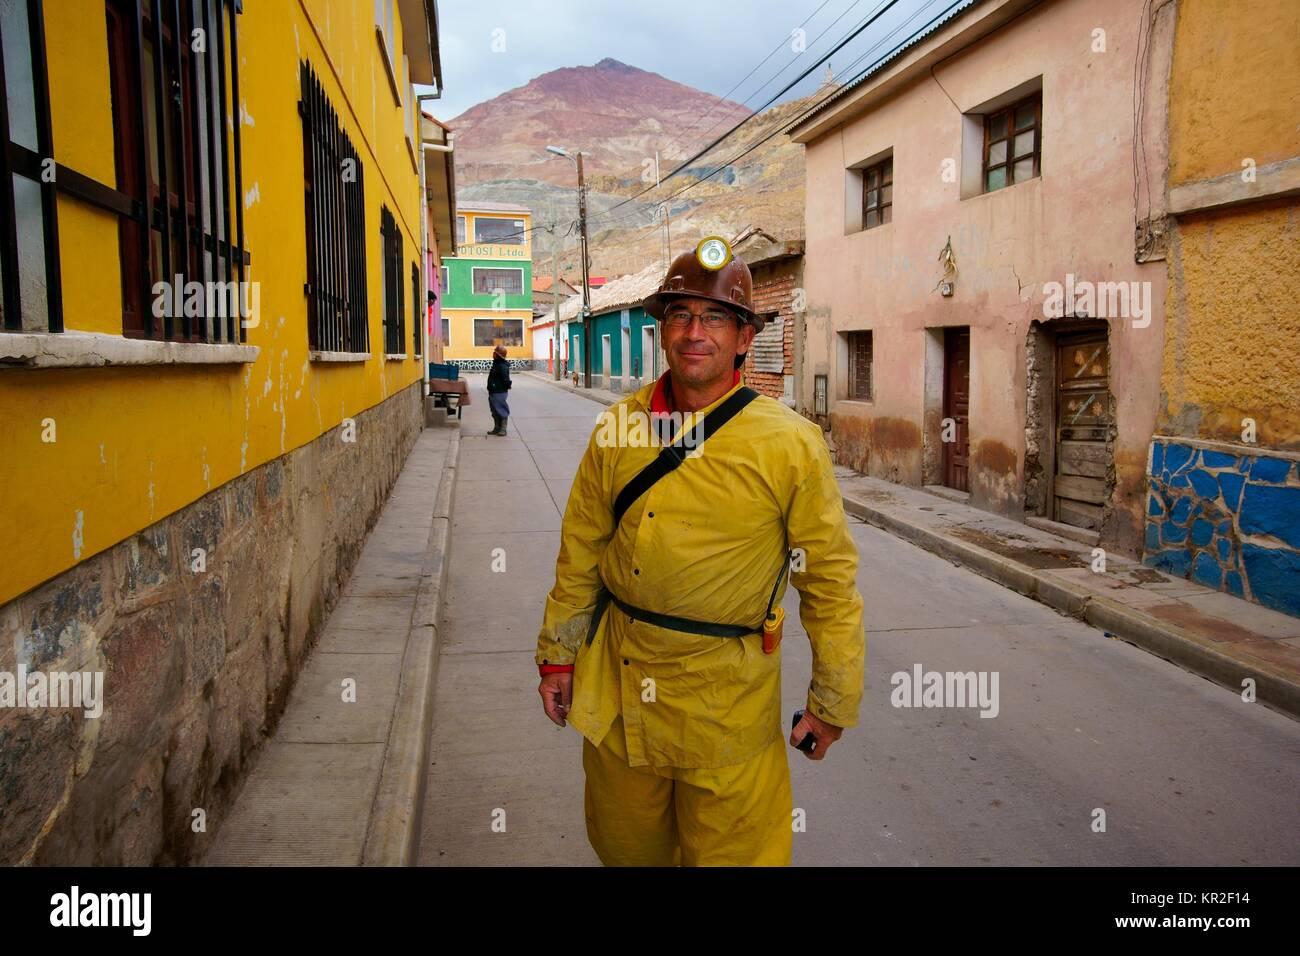 Turisti in abbigliamento protettivo, miniera-tour in argento montagna Cerro Rico, Potosí, Tomás Frías Immagini Stock